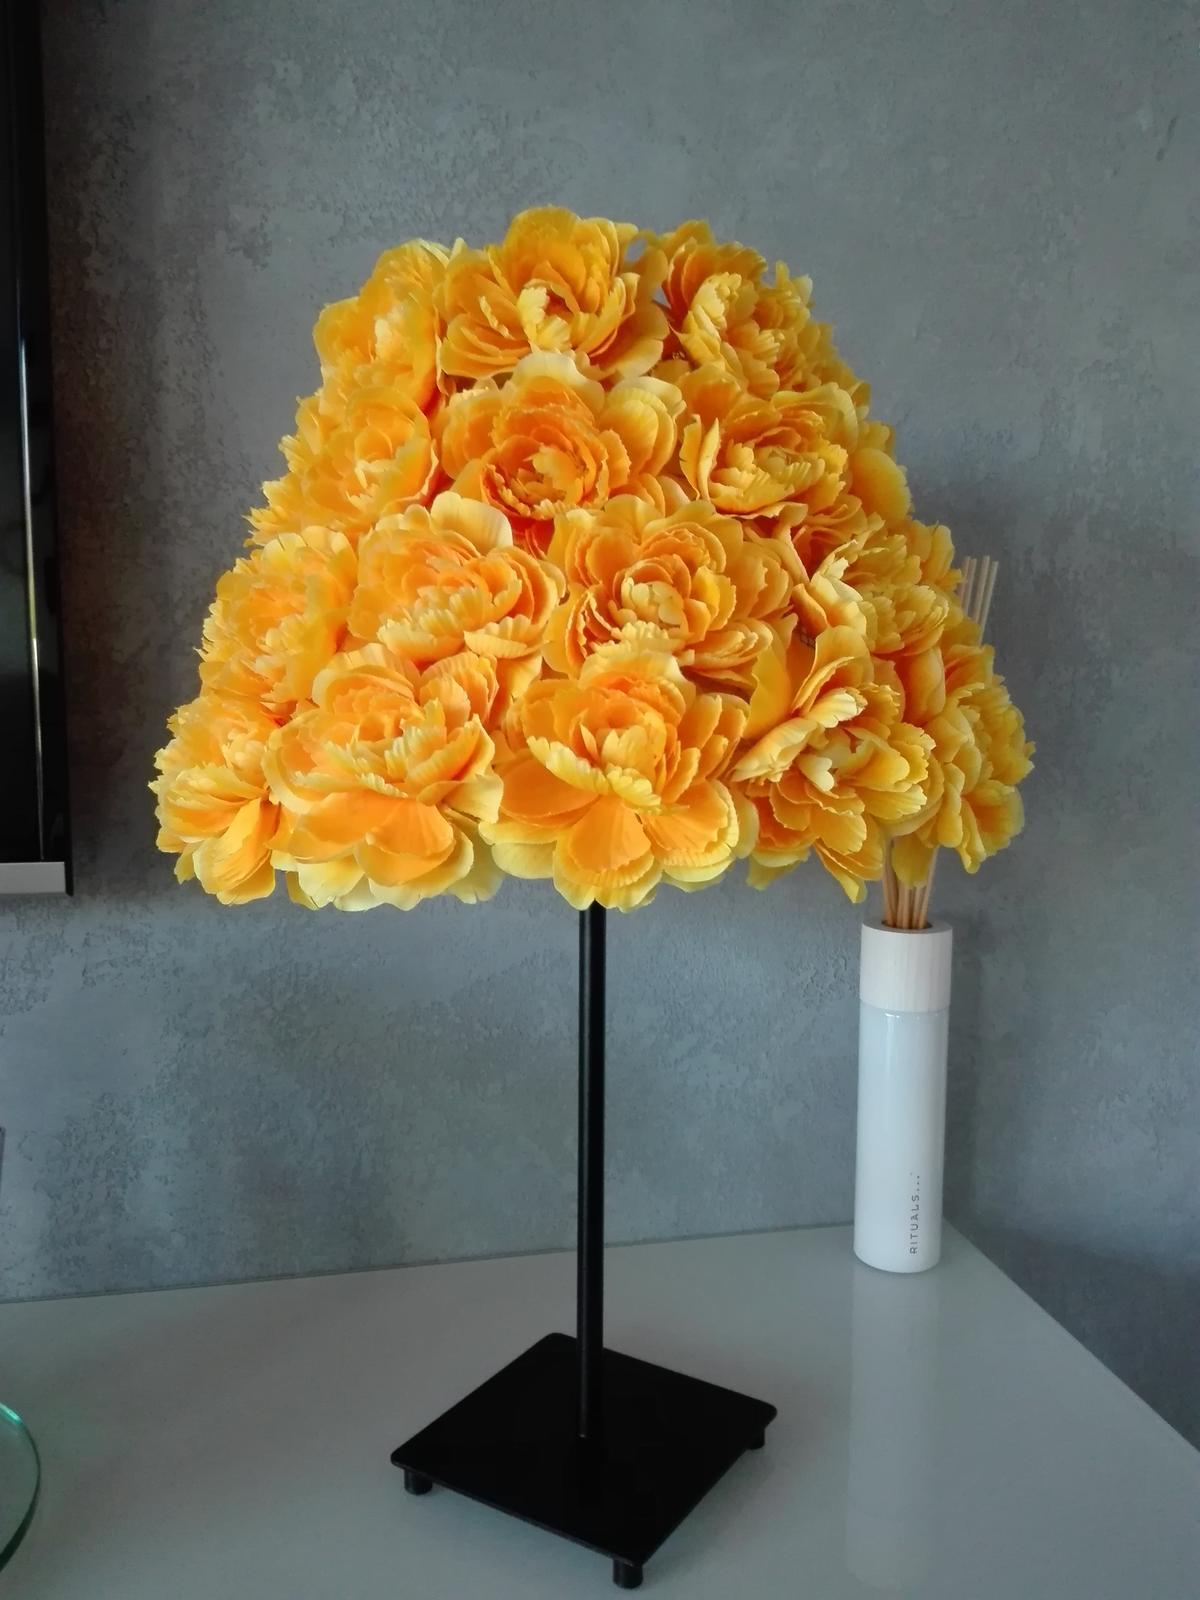 Lampy - Obrázek č. 1